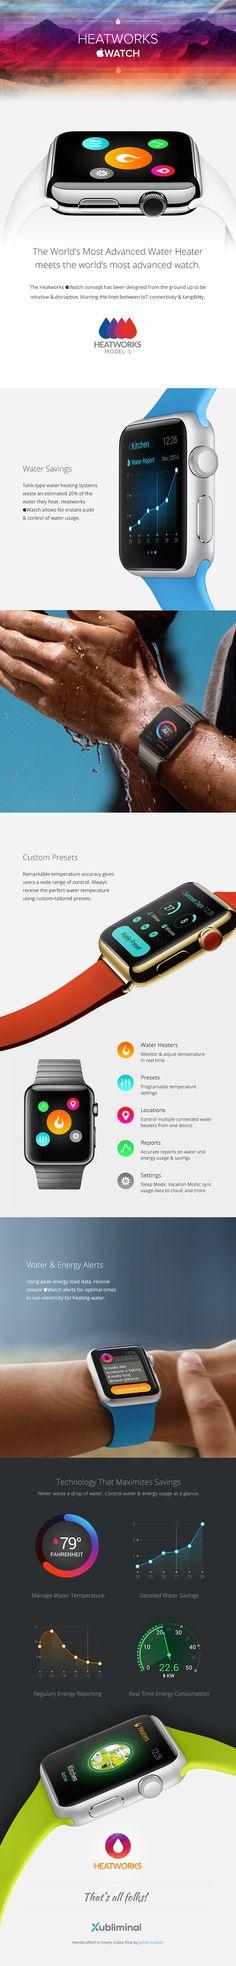 Heatworks Apple Watch App on Behance